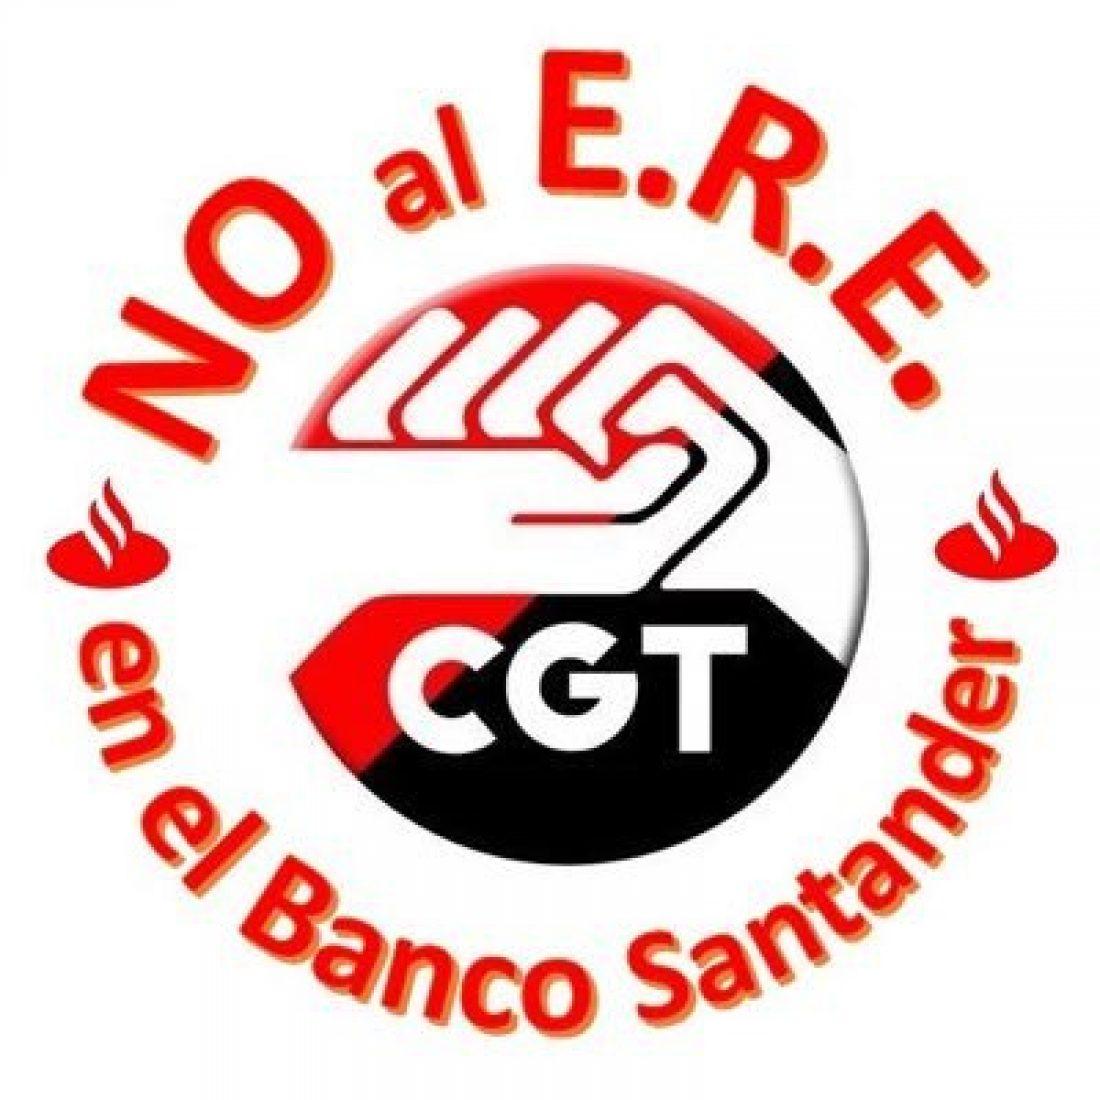 La CGT se moviliza contra el ERE del Banco de Santander